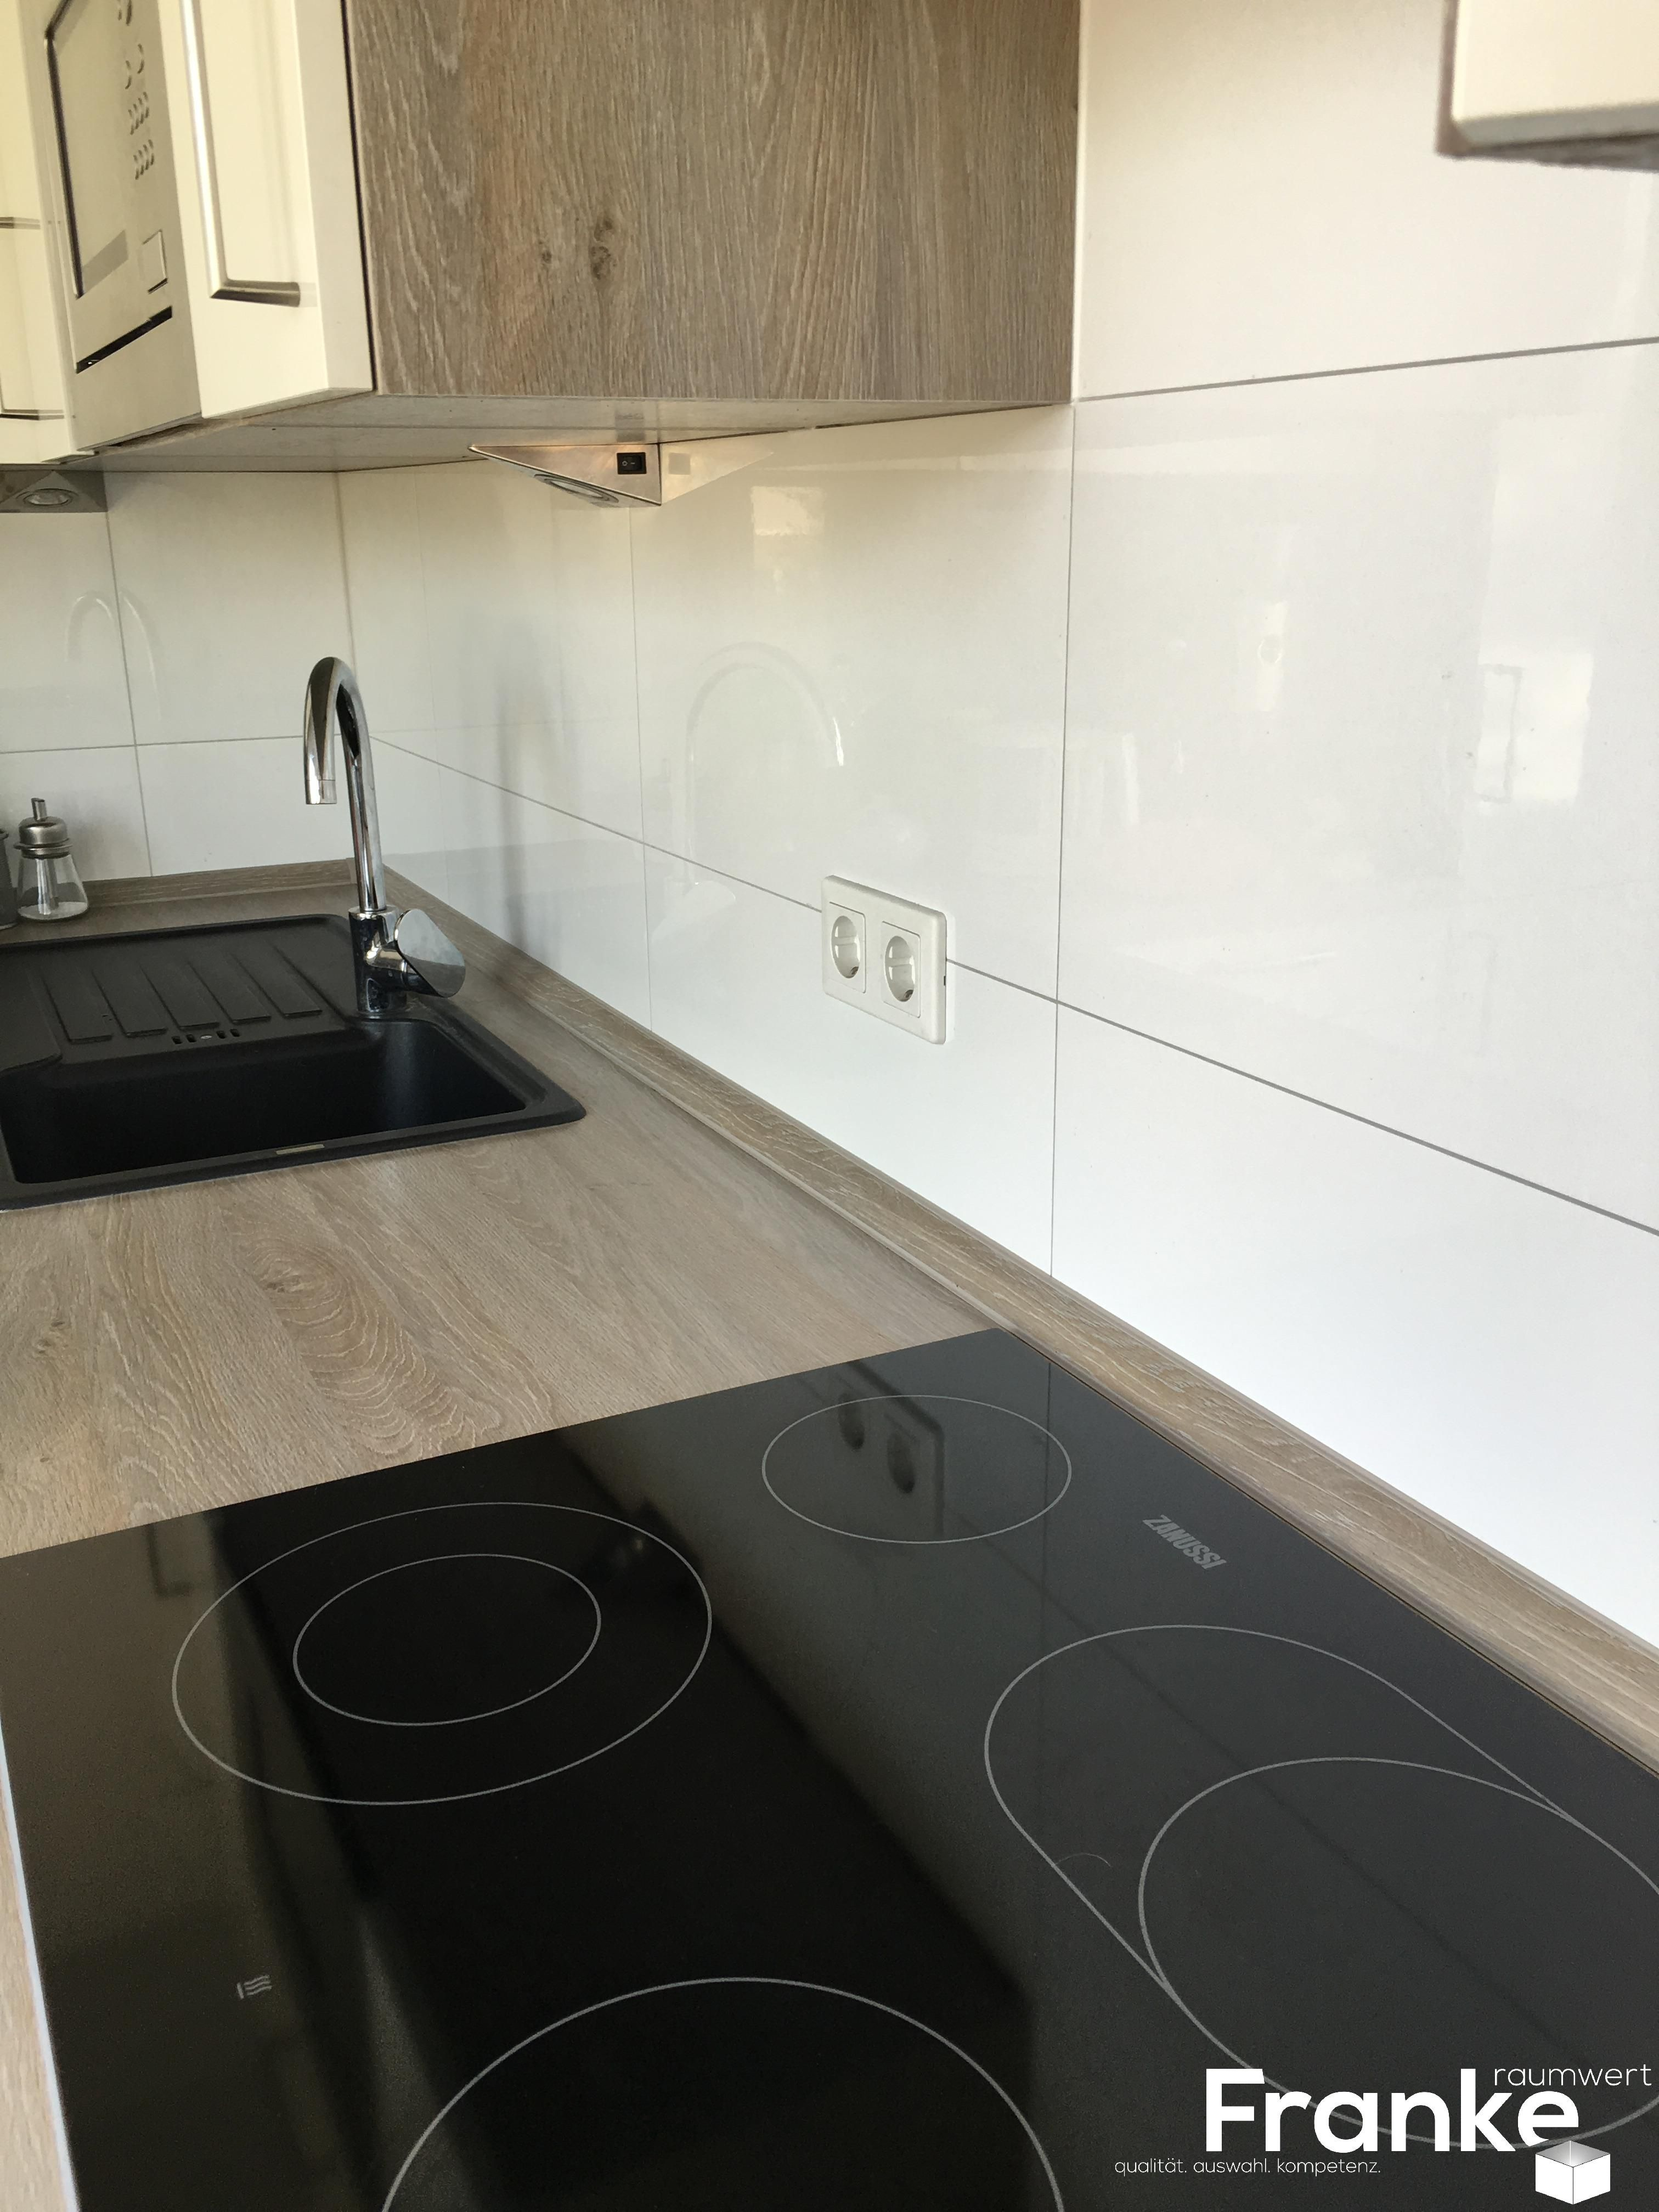 gro formatige wandfliesen sind viel reinigungsfreundlicher und moderner k che k chen. Black Bedroom Furniture Sets. Home Design Ideas